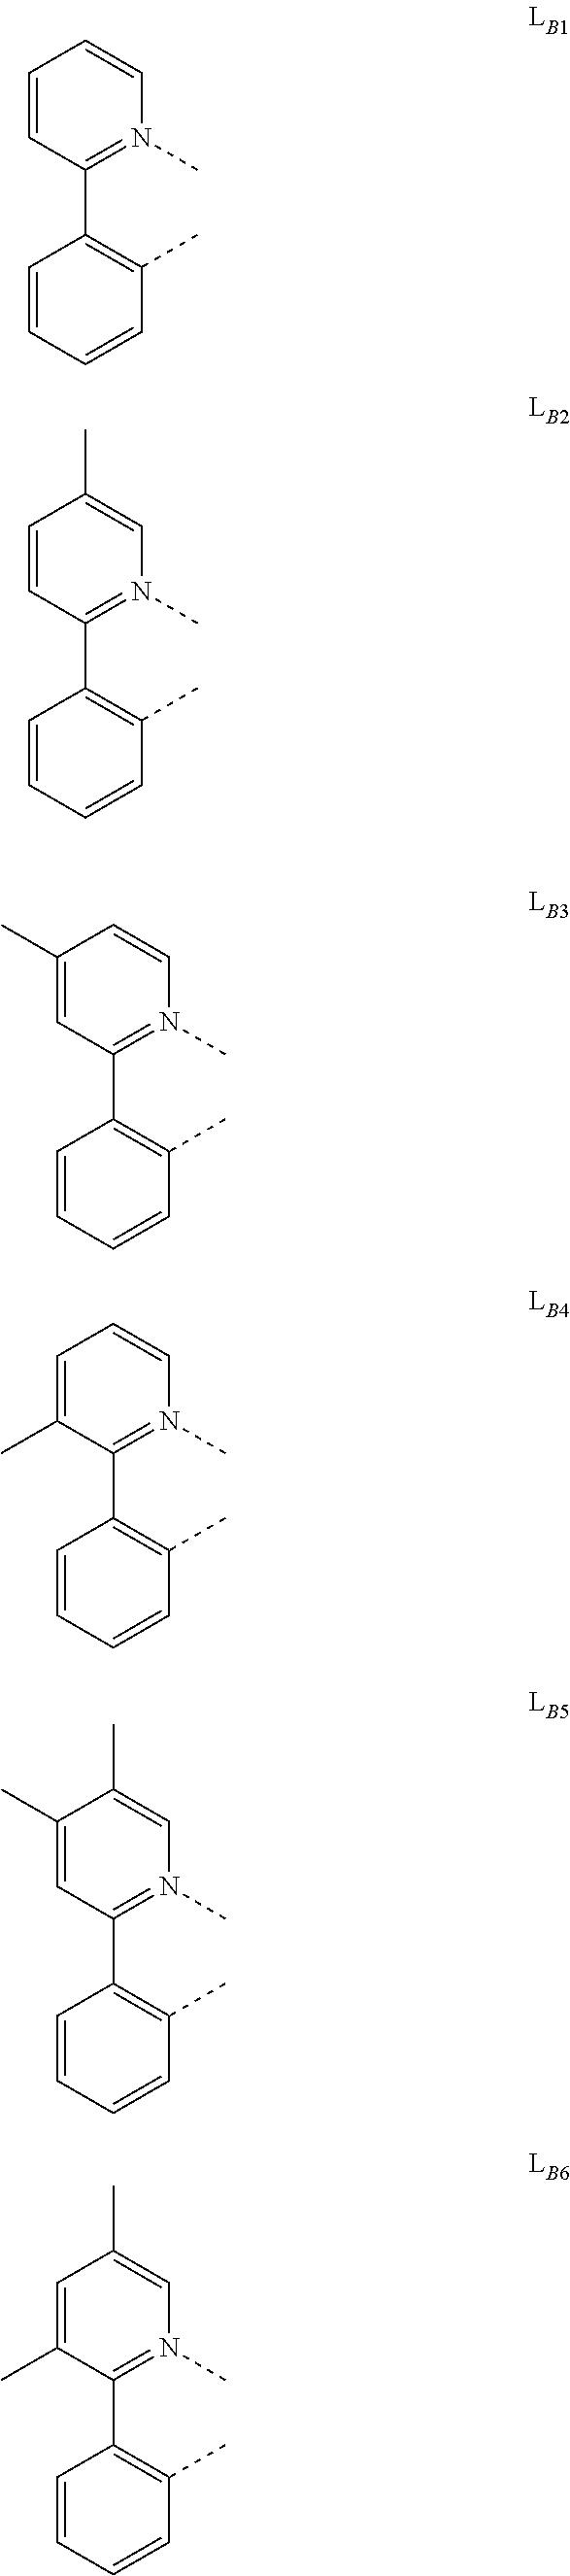 Figure US09929360-20180327-C00217